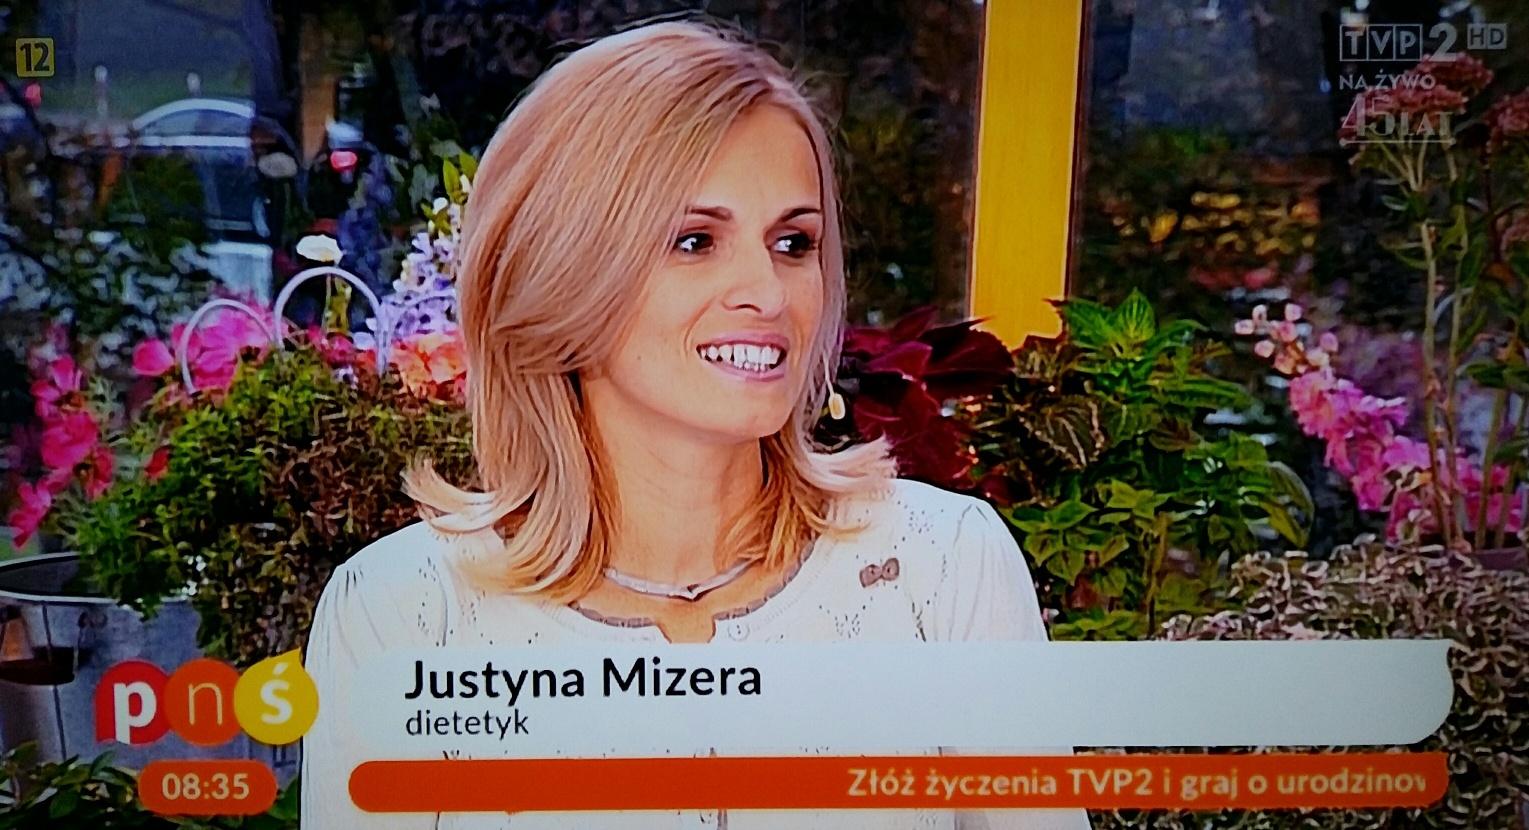 dietetyk sportowy Częstochowa - Justyna Mizera